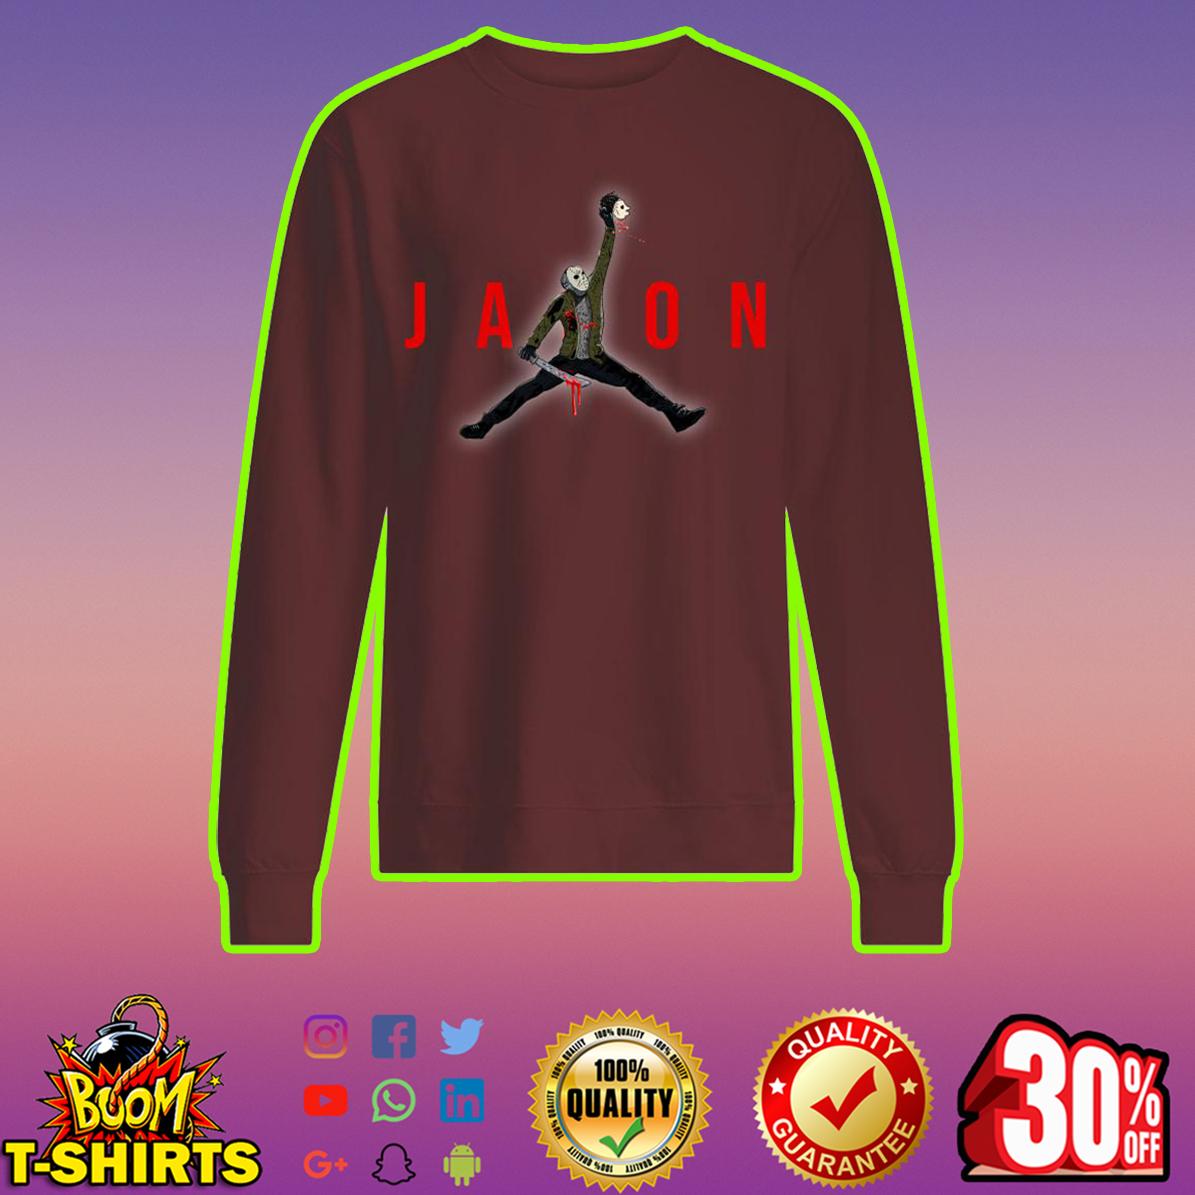 Jason Voorhees Jumpman Air Jordan sweatshirt